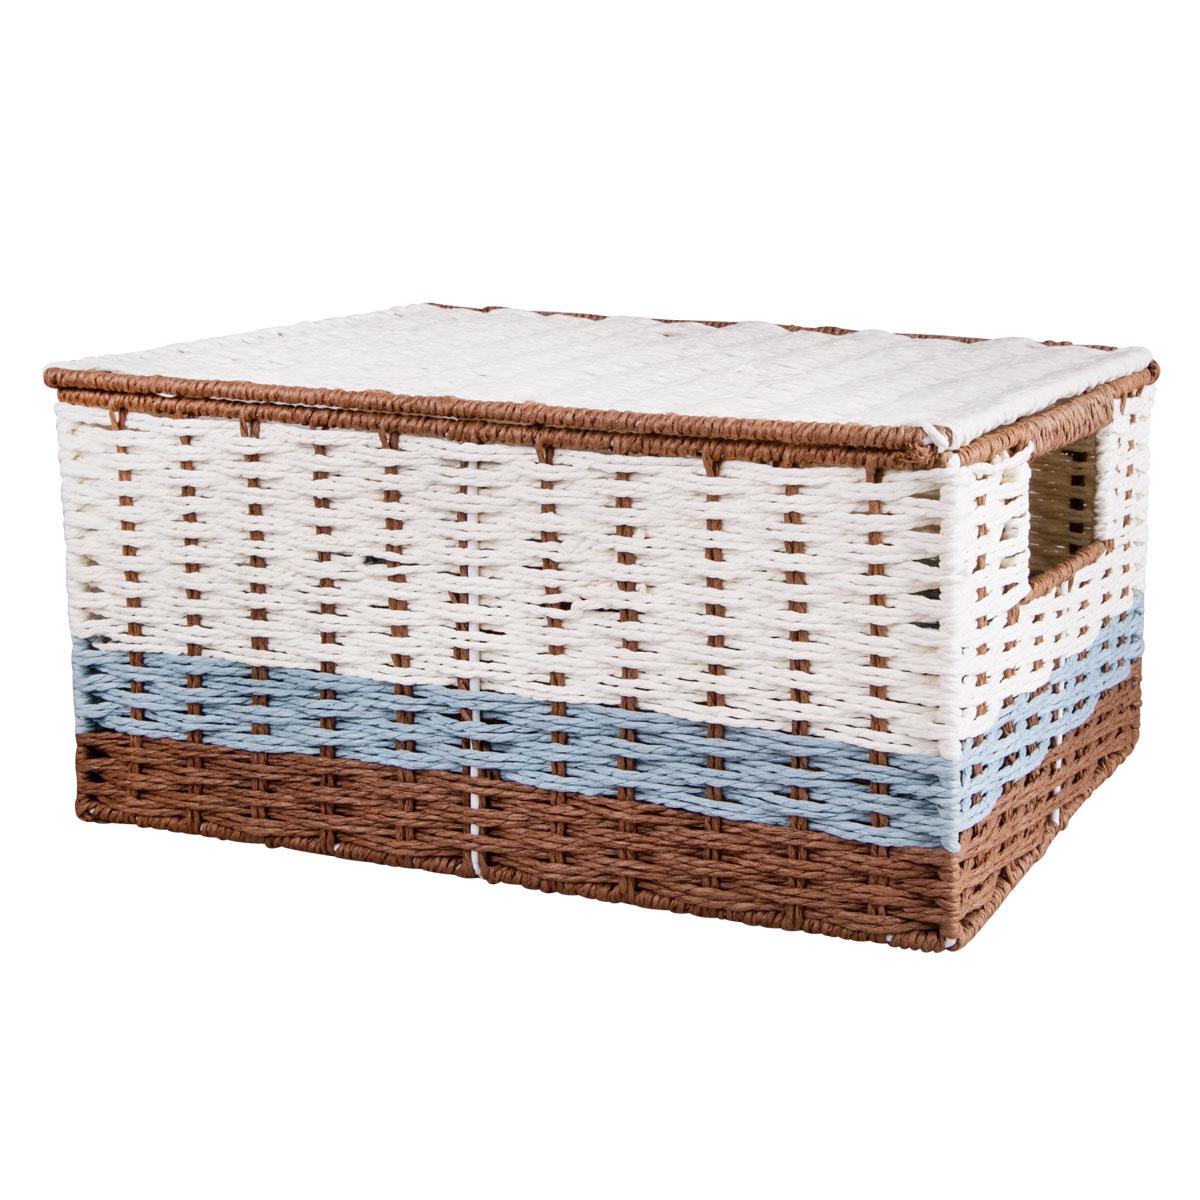 Корзина для хранения Miolla, с крышкой и ручками, 45 х 33 х 21 см . BSK5-LBSK5-LЛучшее решение для хранения вещей - корзина для хранения Miolla. Экономьте полезное пространство своего дома, уберите ненужные вещи в удобную корзину и используйте ее для хранения дорогих сердцу вещей, которые нужно сберечь в целости и сохранности.Размер: 45 х 33 х 21 см.